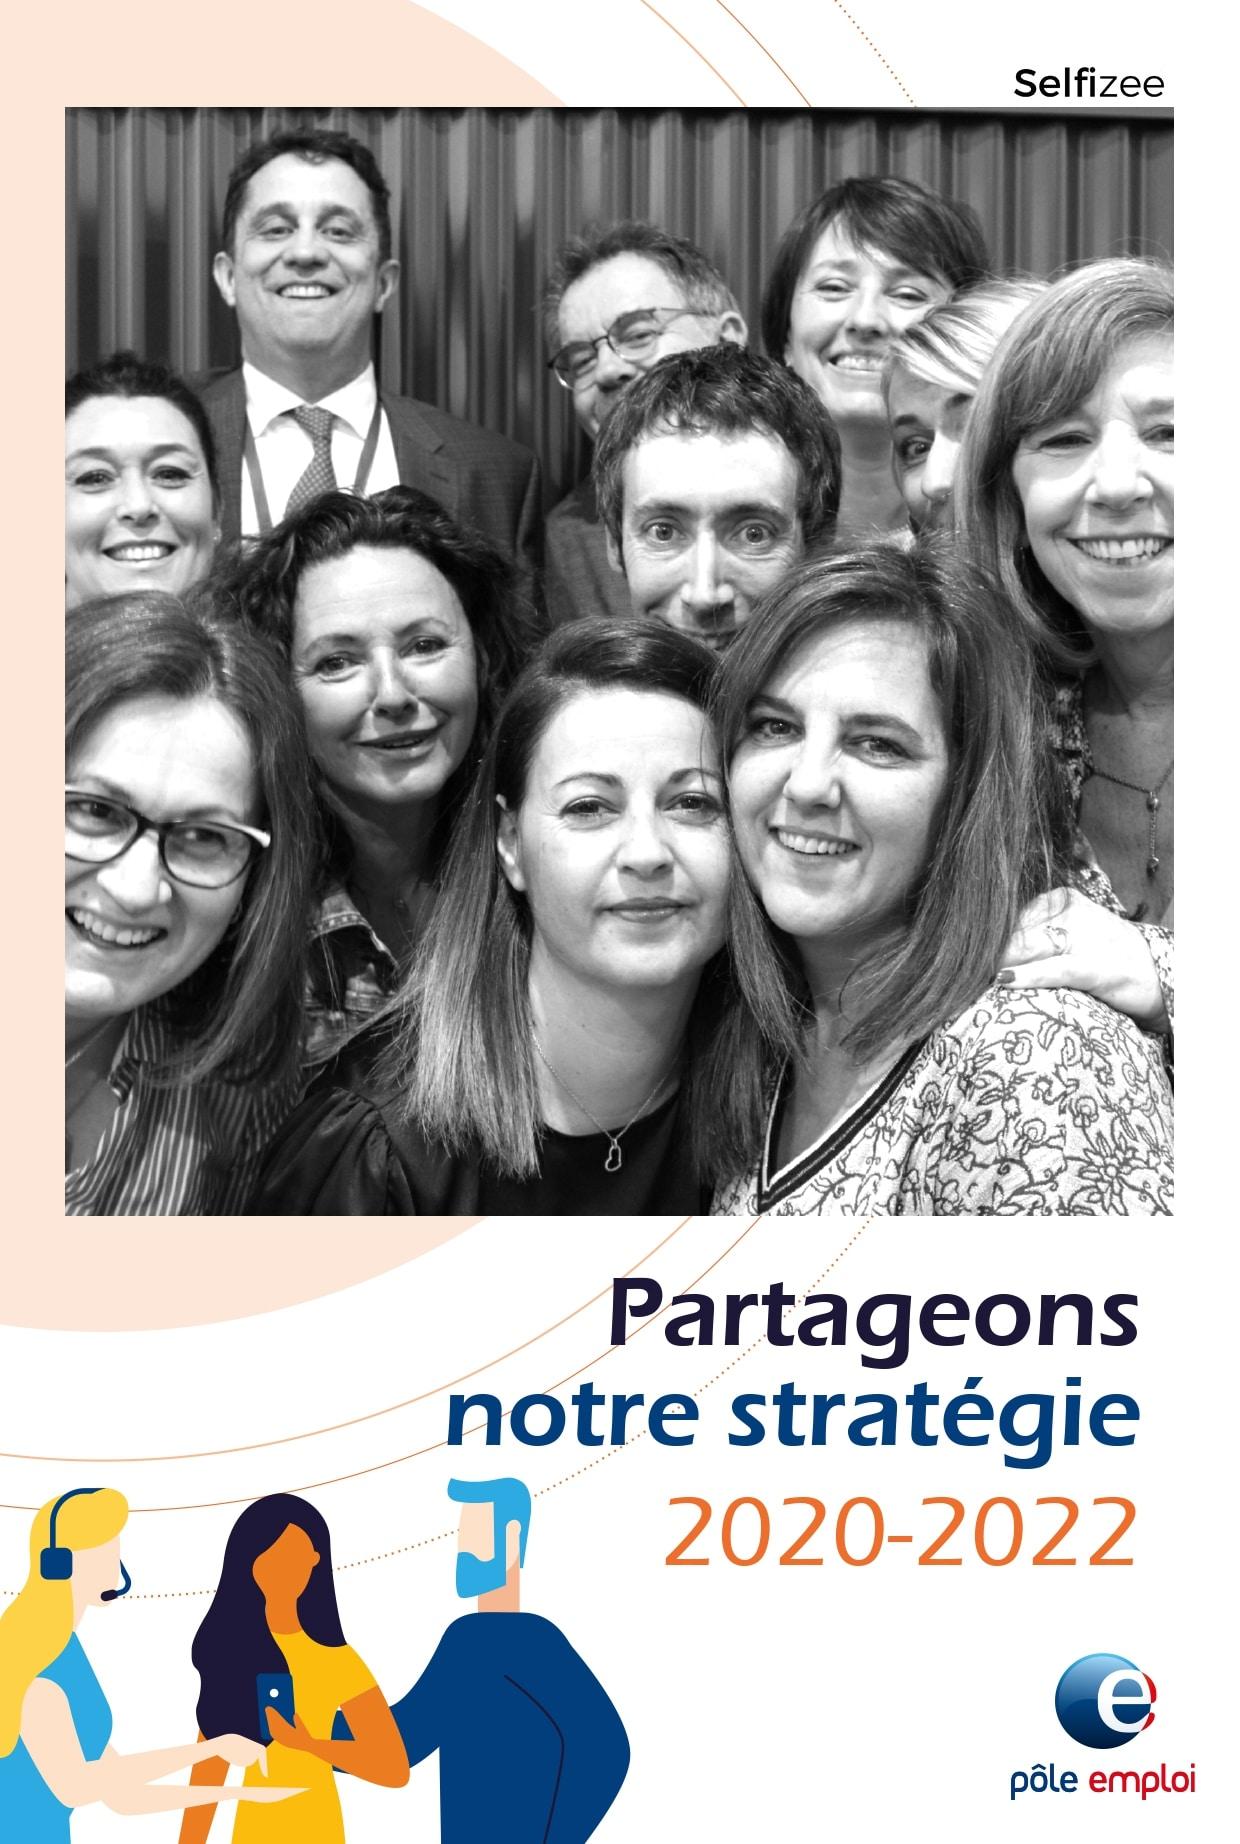 Photobooth animation photo au séminaire direction régionale Pôle Emploi Auvergne Rhône Alpes en 2020 à Clermont Ferrand